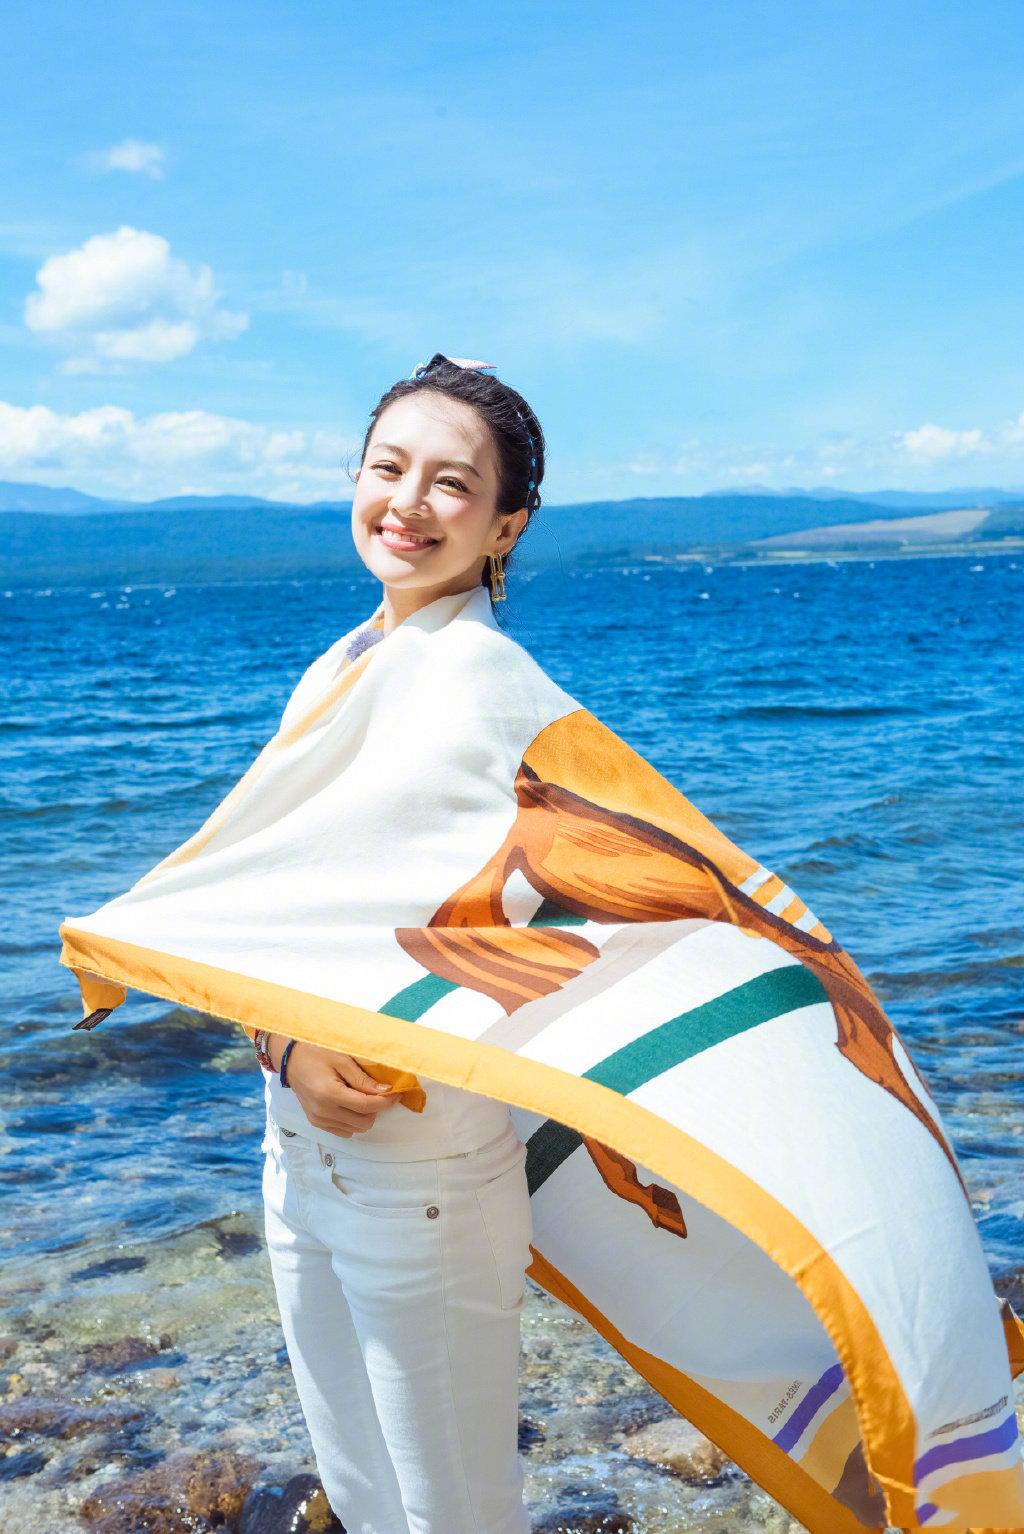 章子怡身穿白色休闲装搭配亮色披肩,优雅又不失活力。